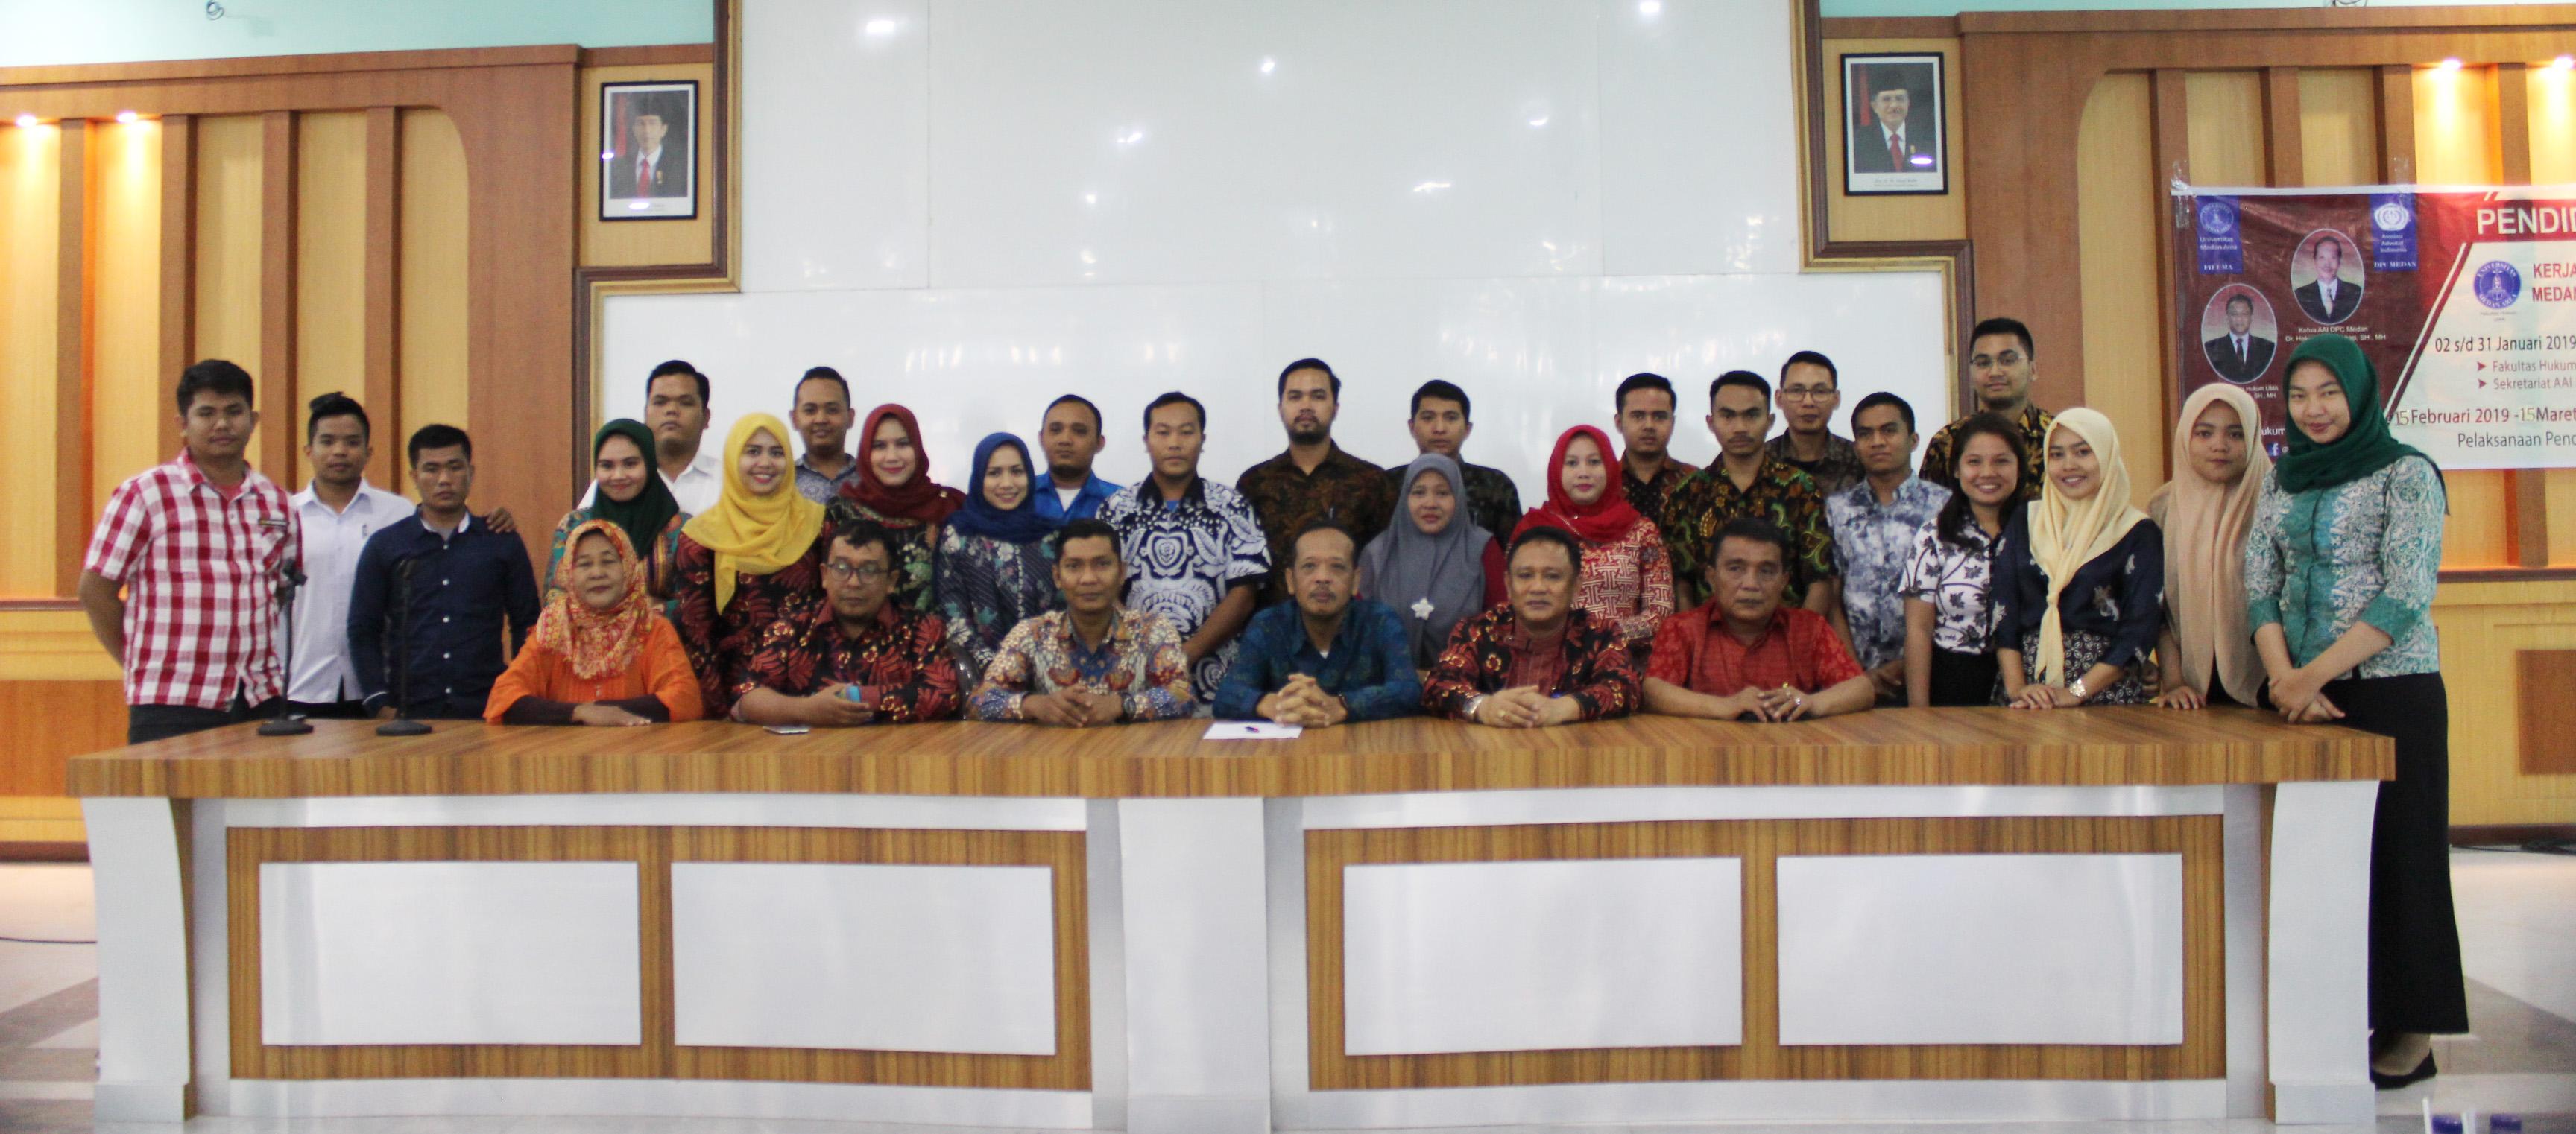 Kegiatan Penutupan Pendidikan Profesi Advokat (PPA) Fakultas Hukum dengan Asosiasi Advokat Indonesia (AAI)